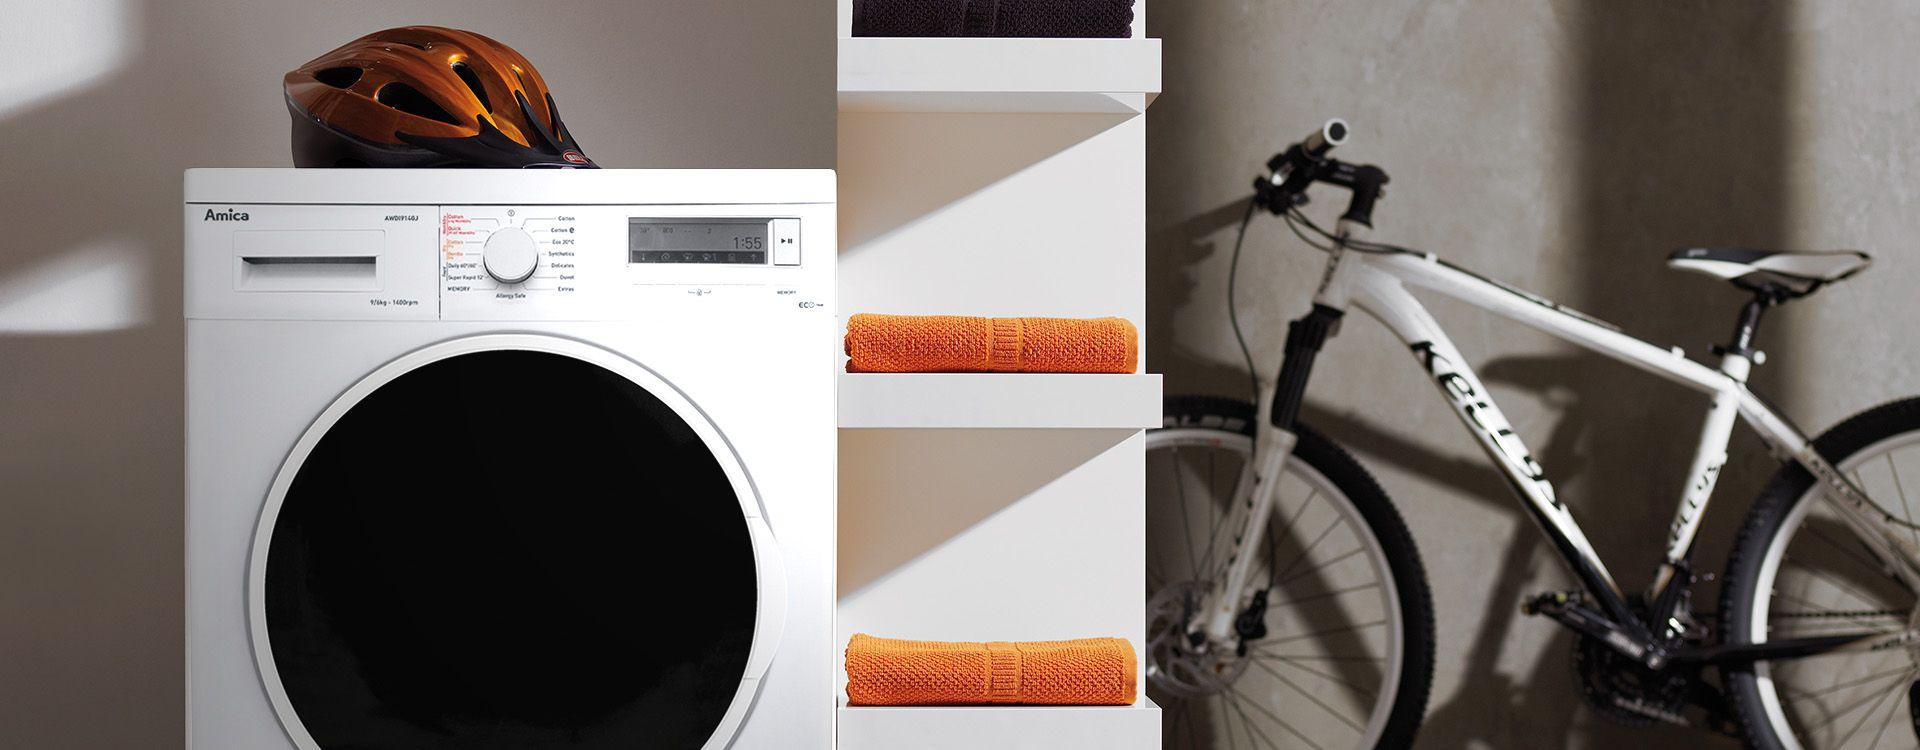 freestanding washing machine in kitchen set